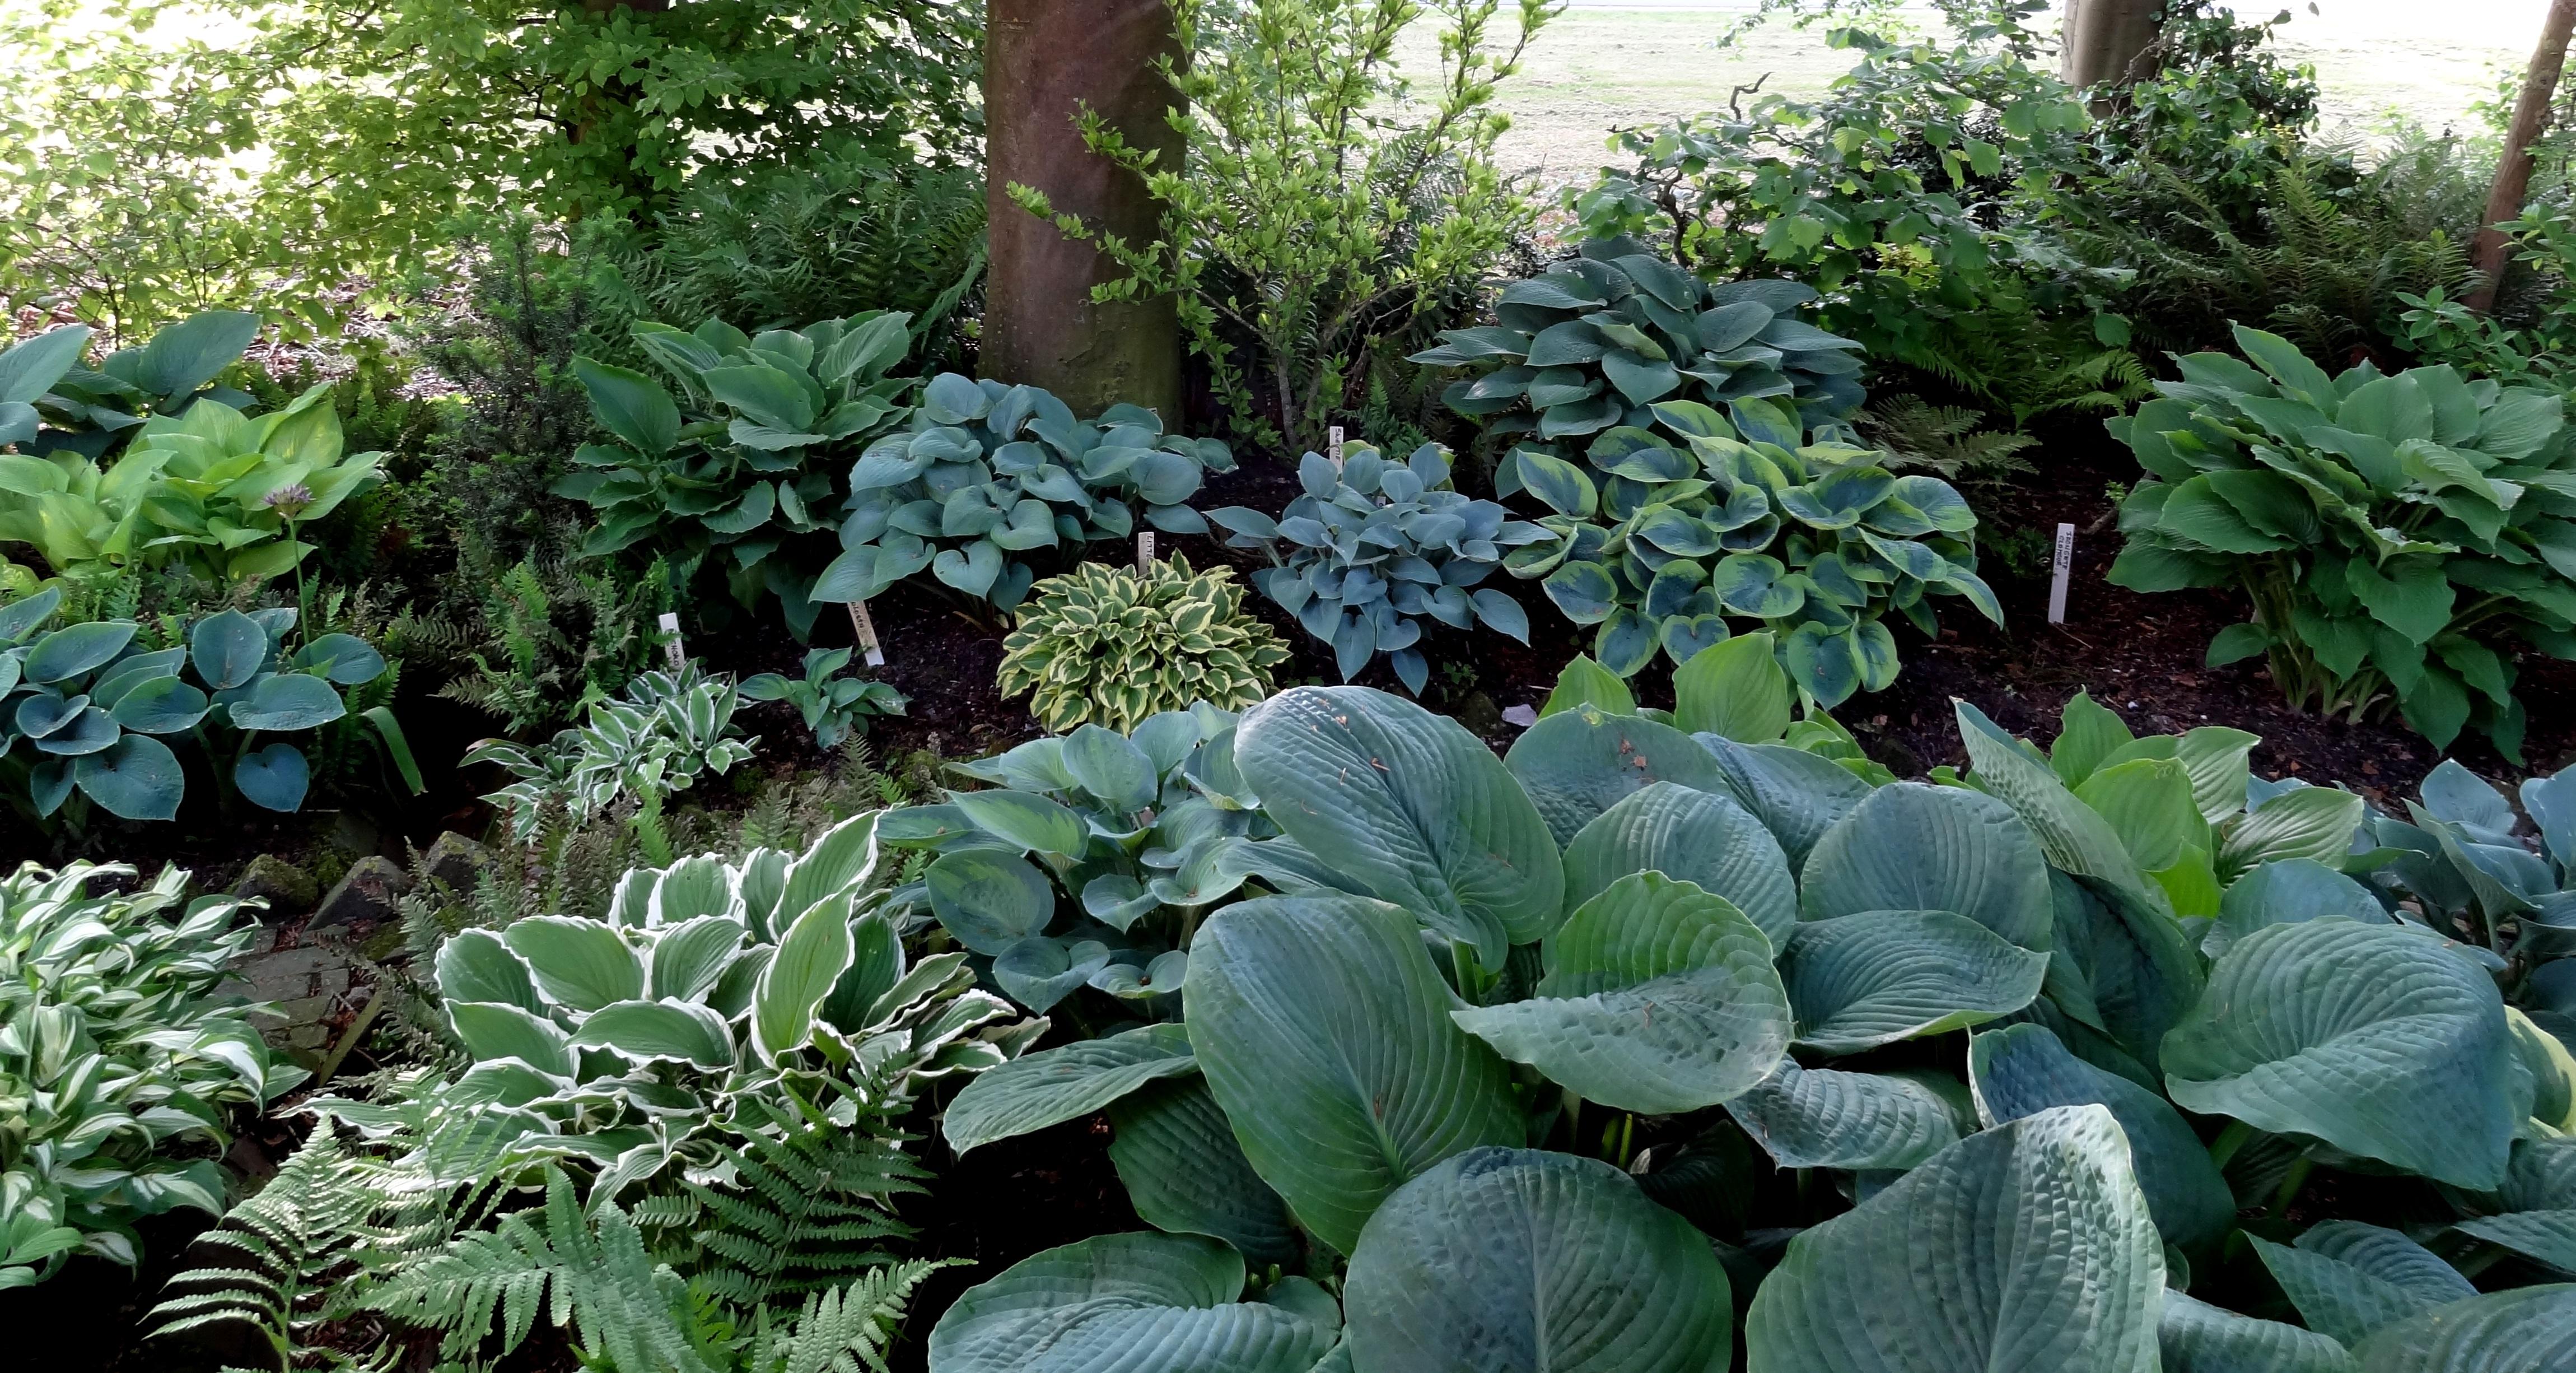 Wies Voesten's Passie voor planten – Hosta